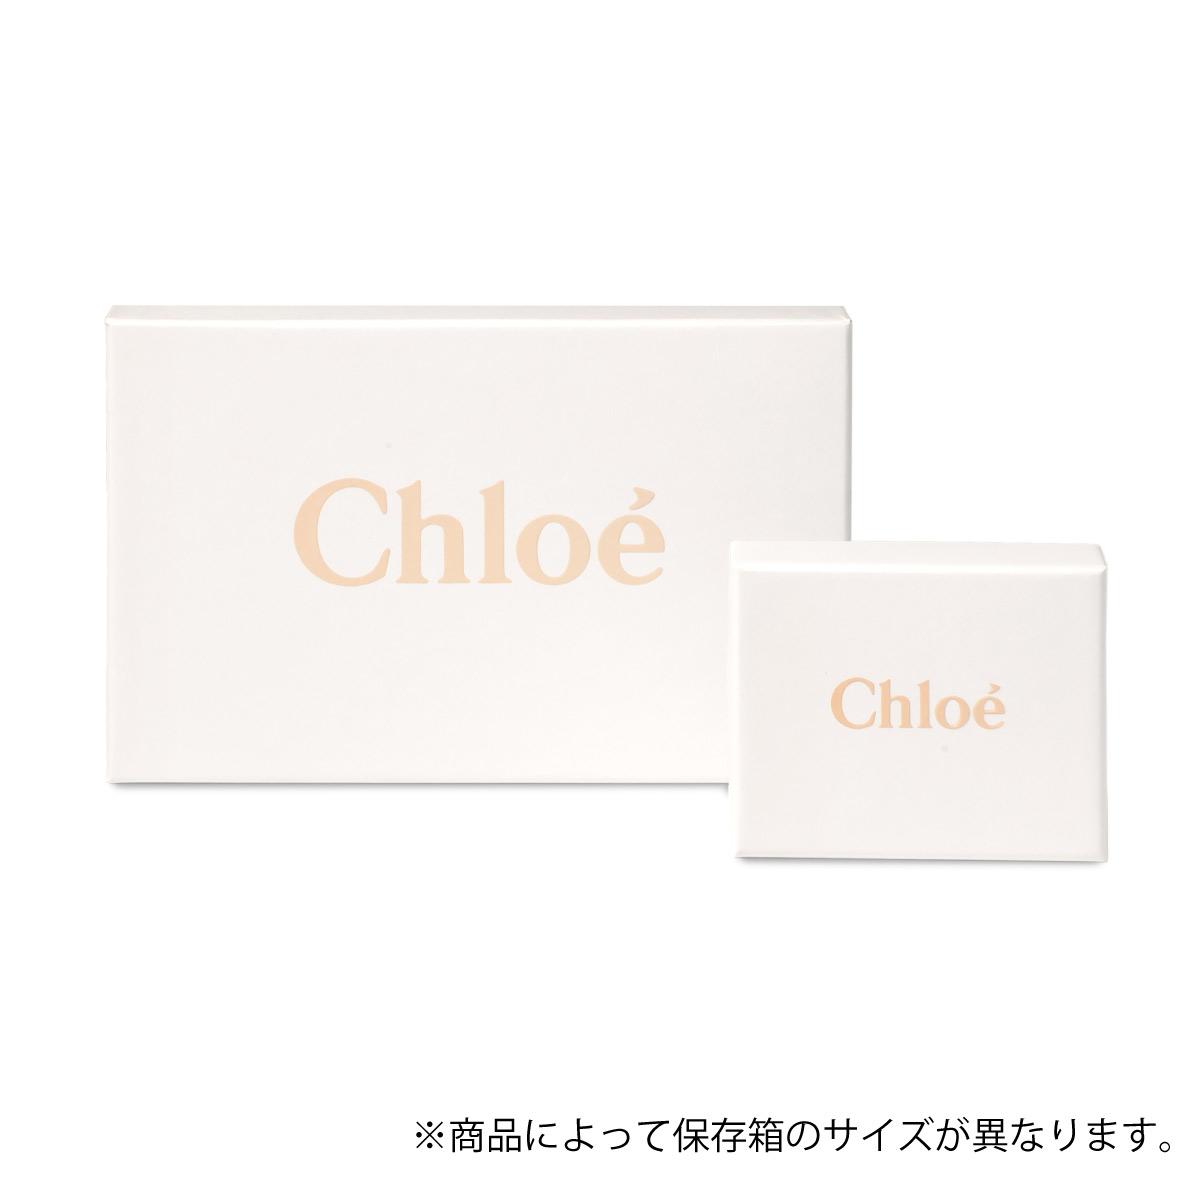 CHLOE クロエ | カードケース | ALPHABET アルファベット